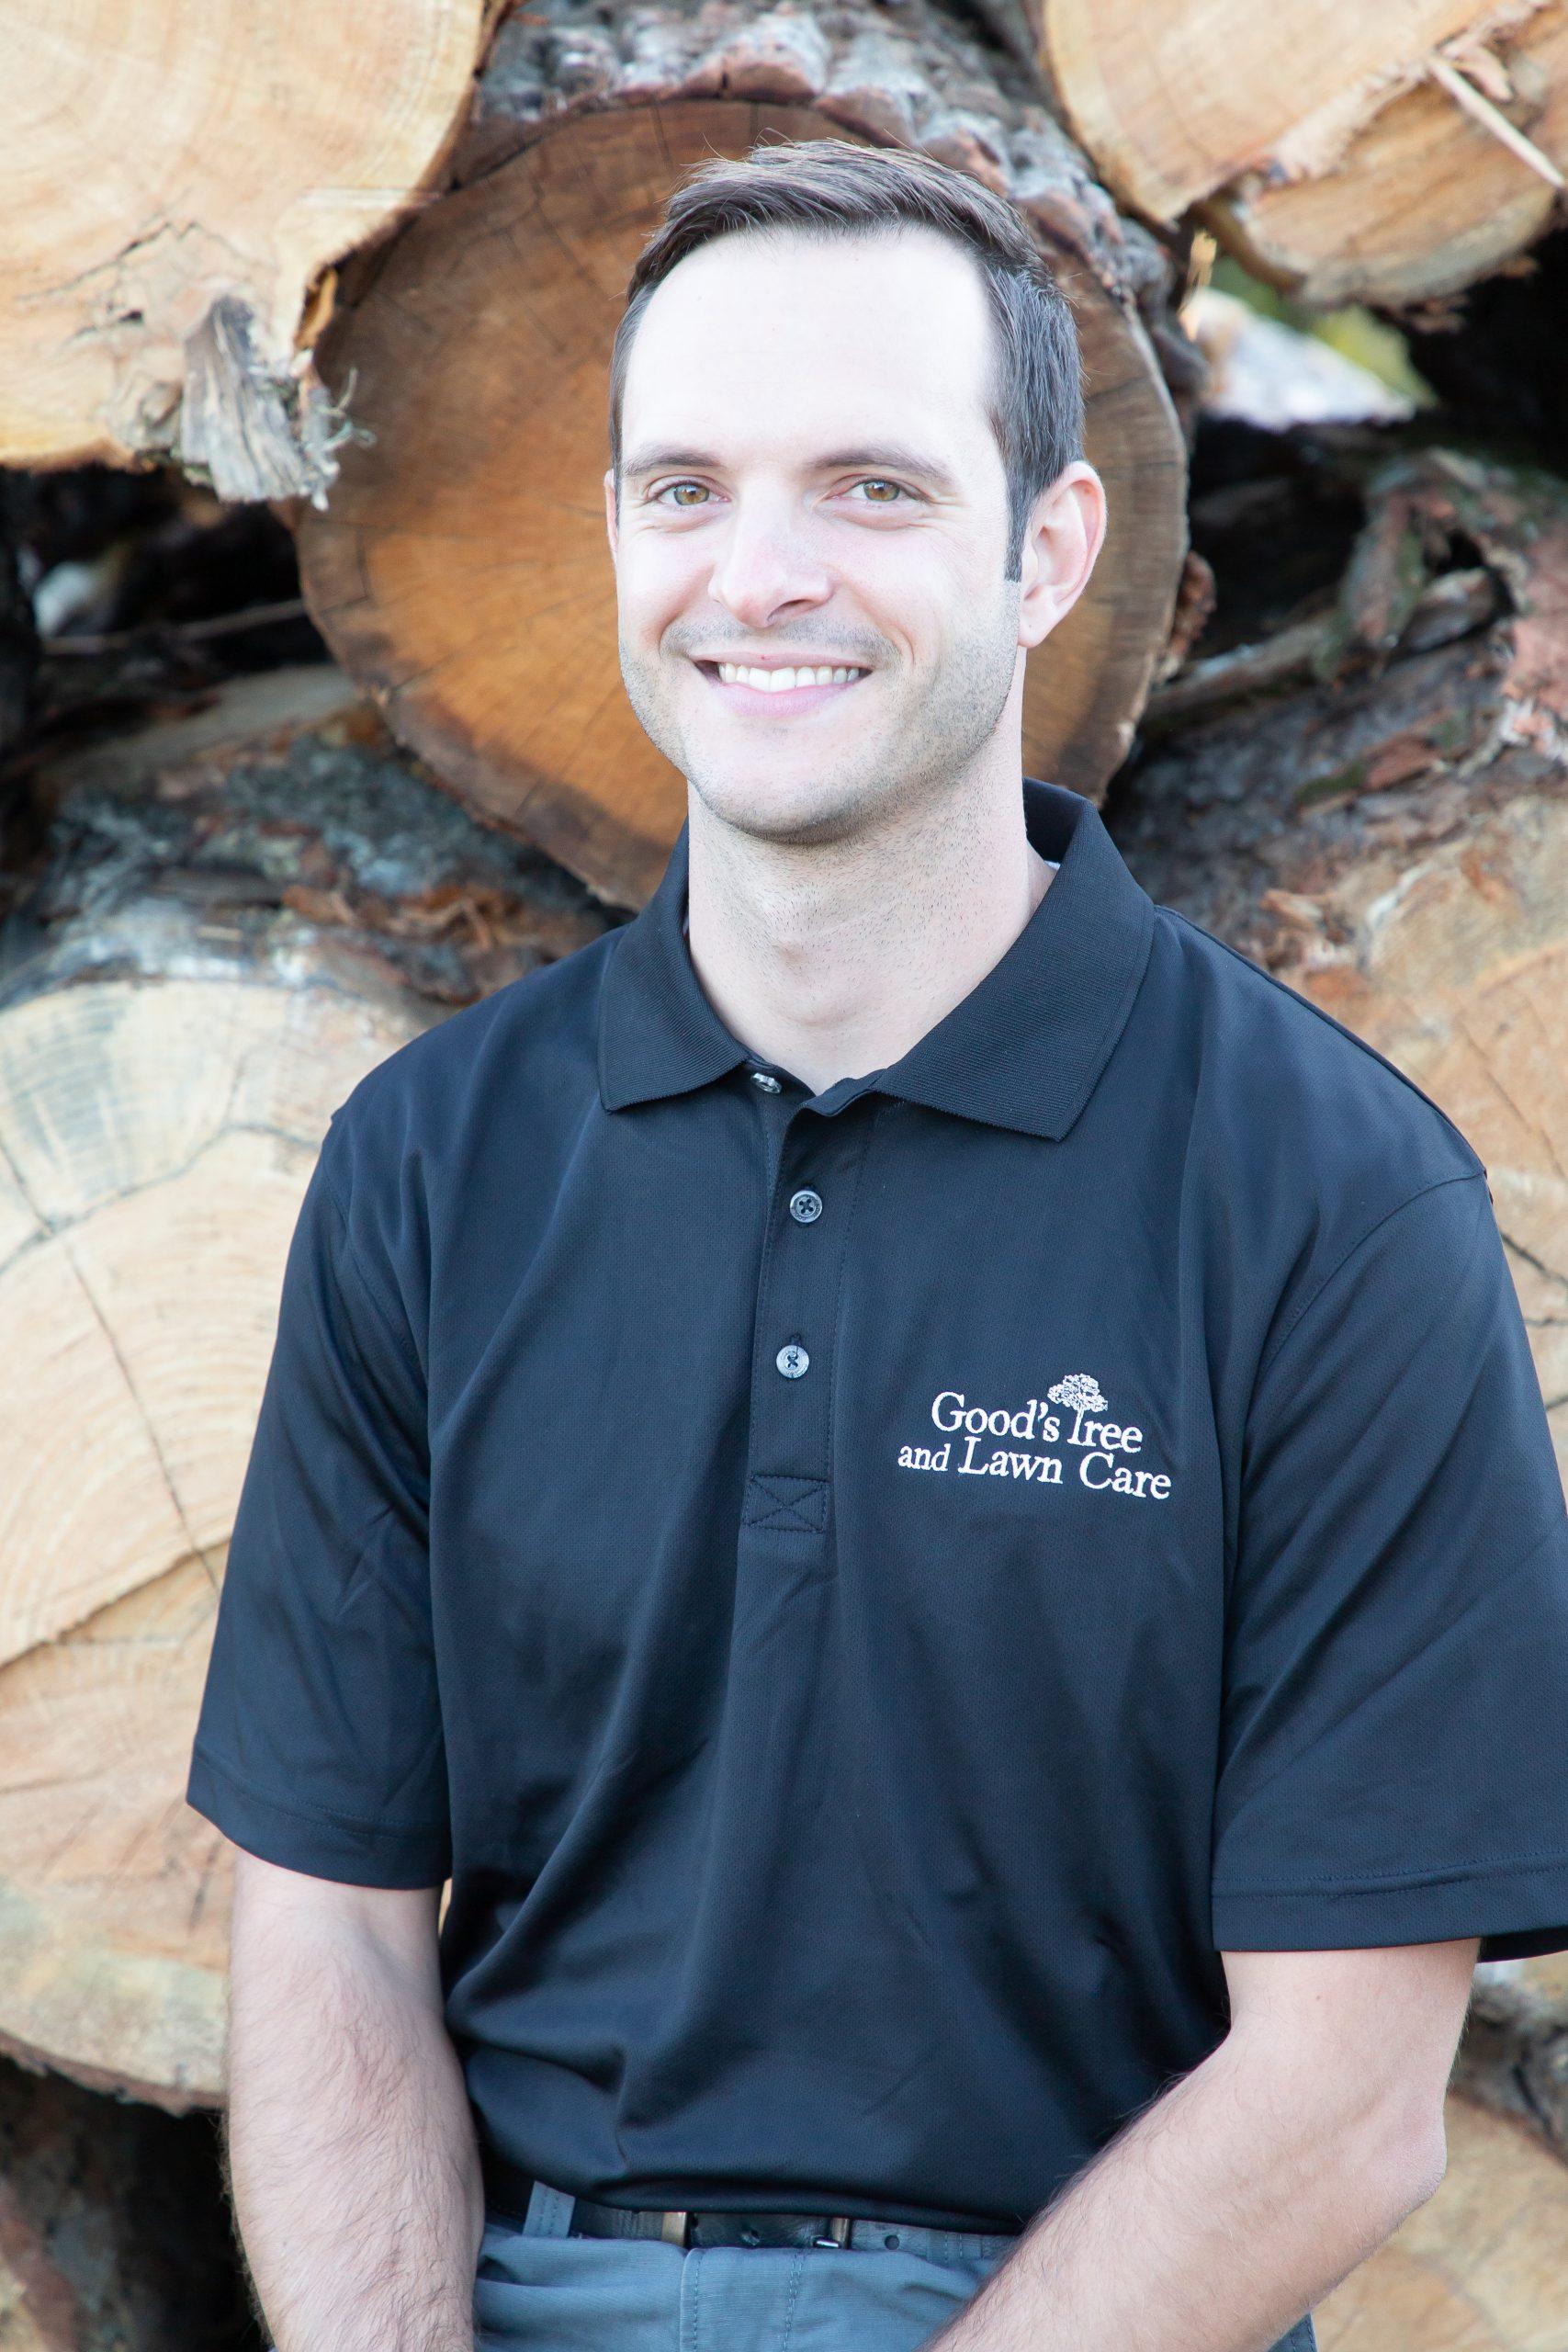 Tony Kyler - Our Team